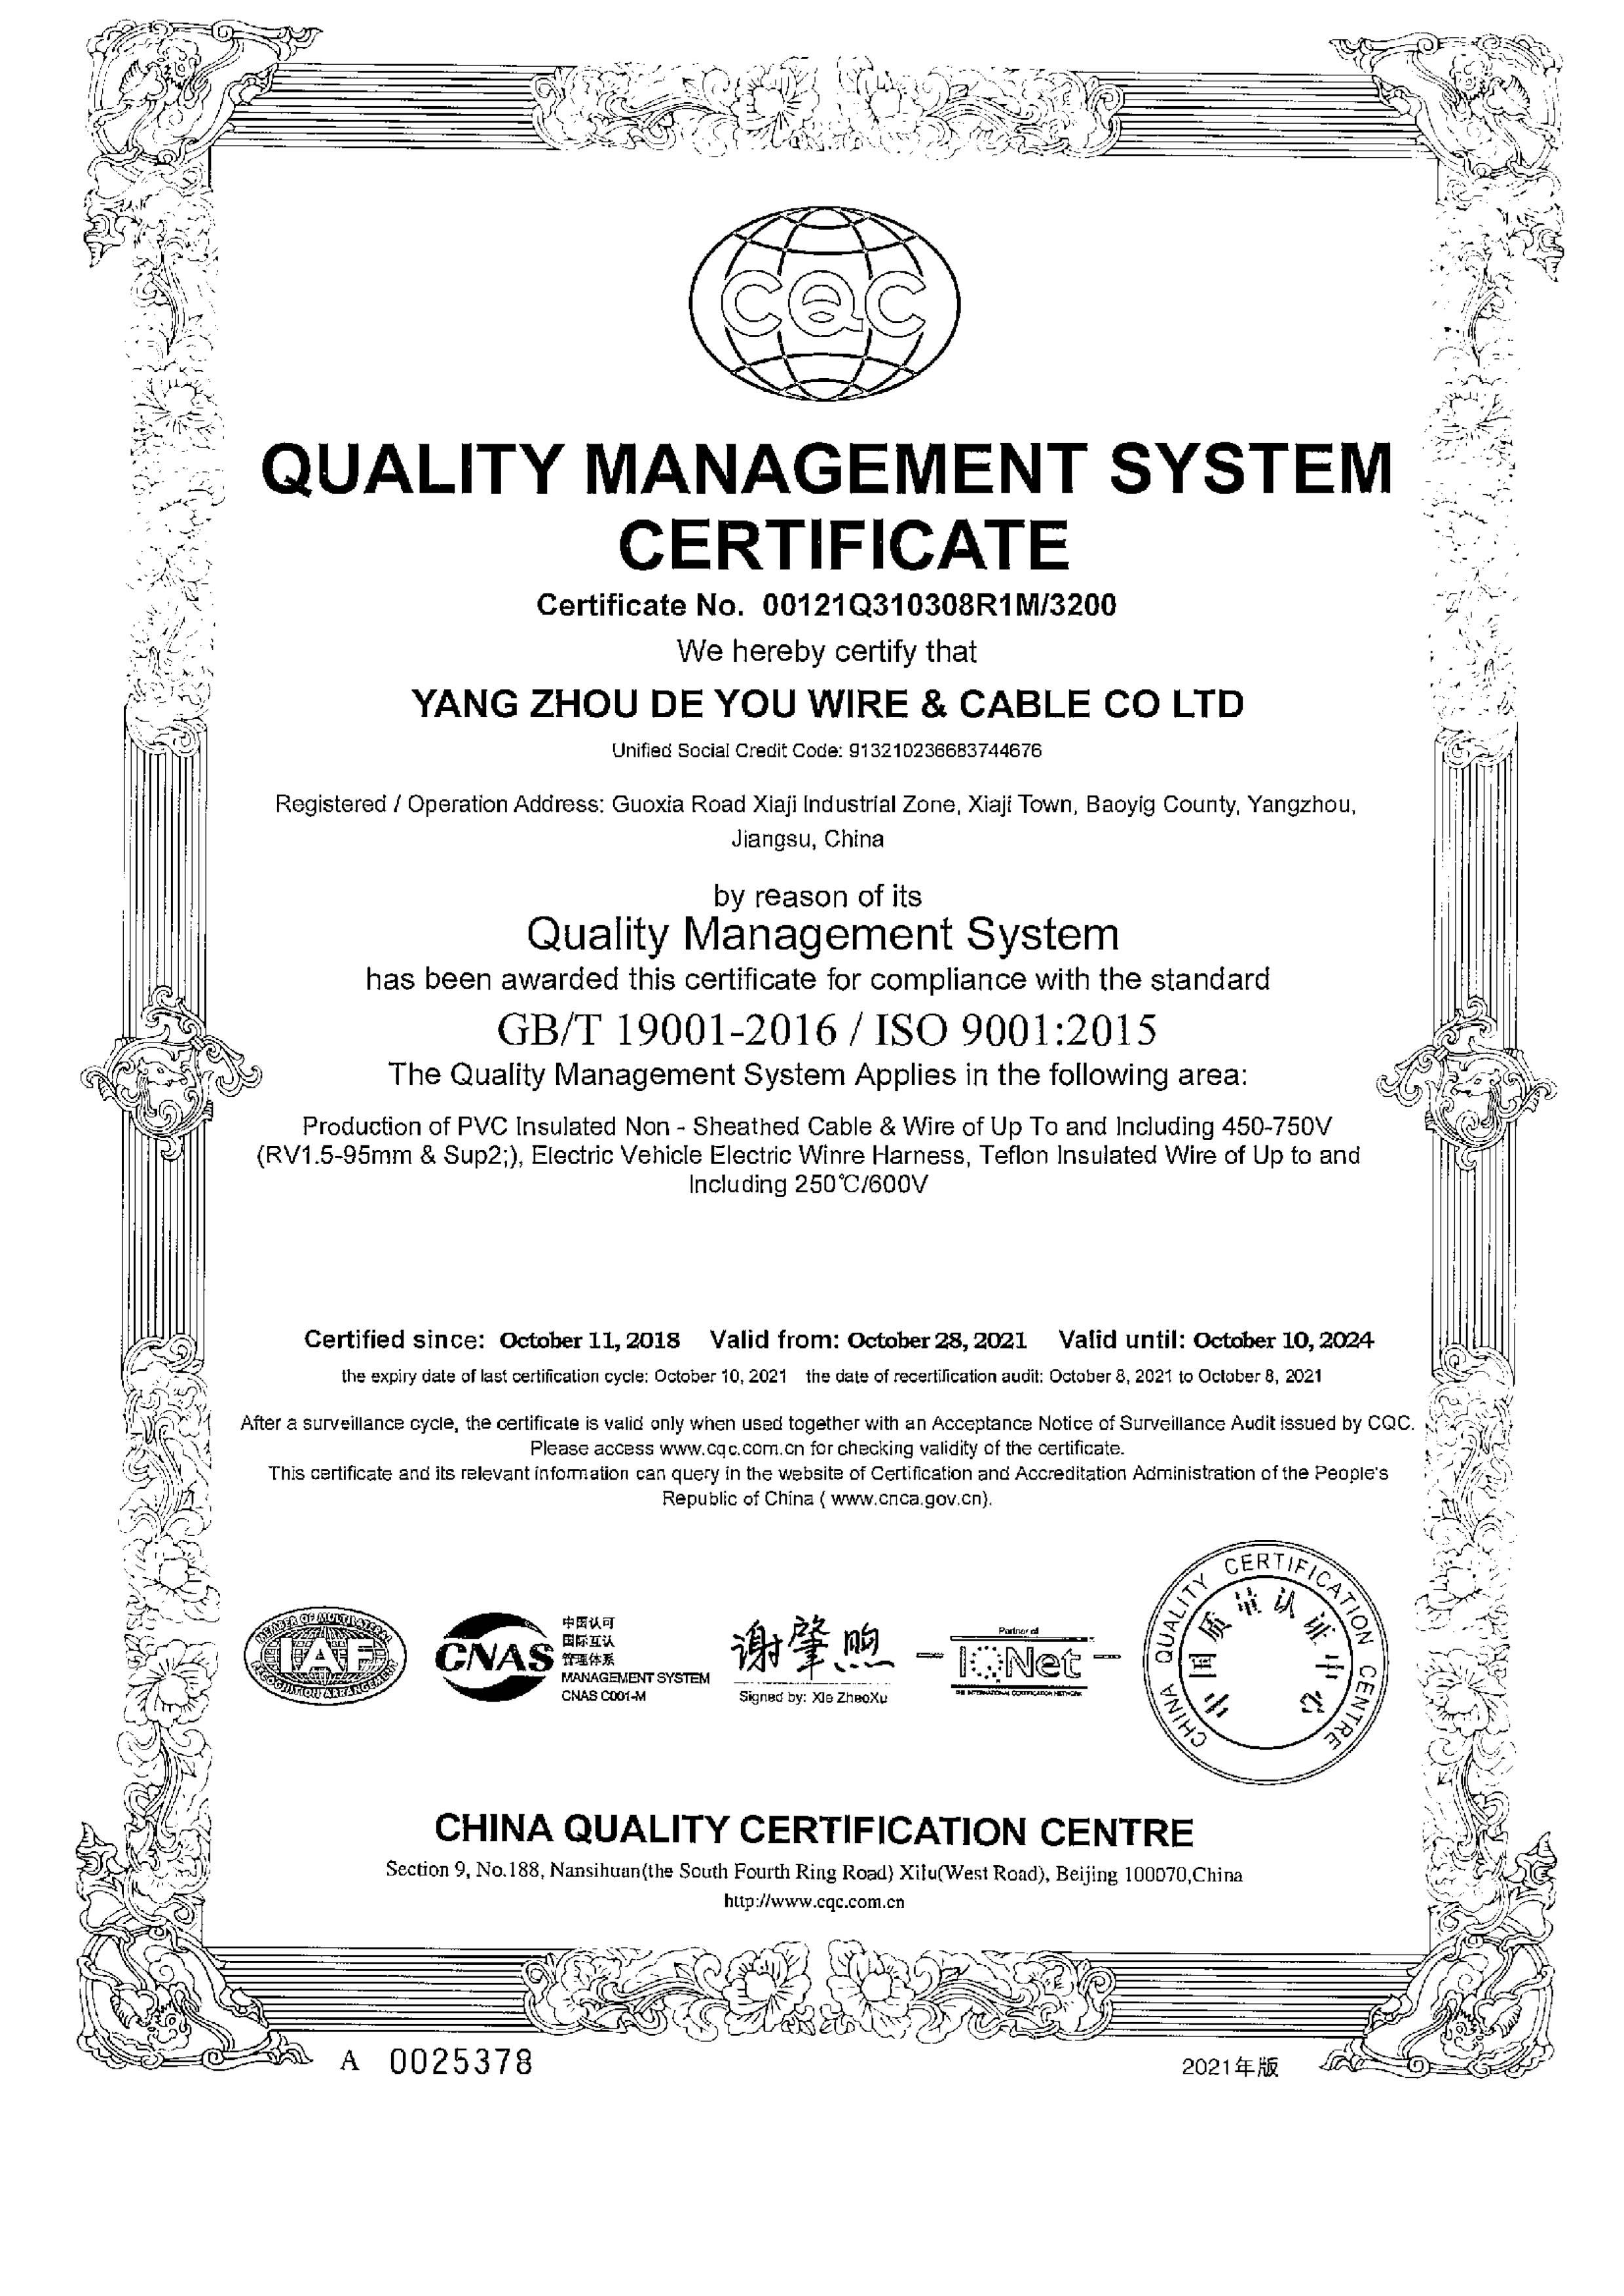 扬州德友 质量管理体系认证证书 英文版